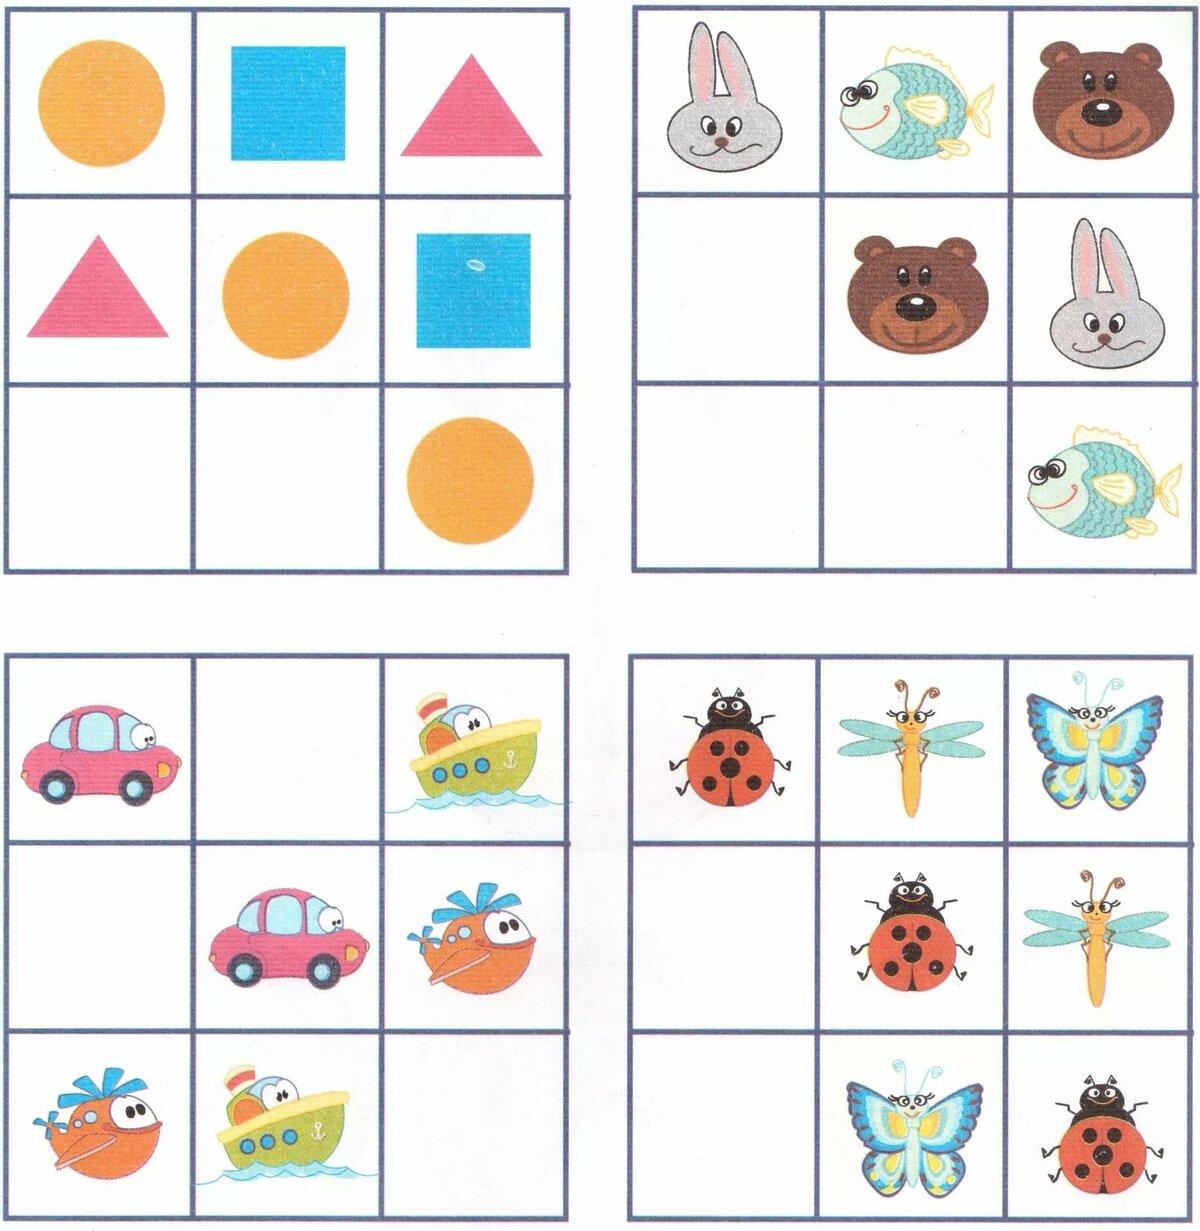 игры по логическому мышлению с картинками помогает понять, какую